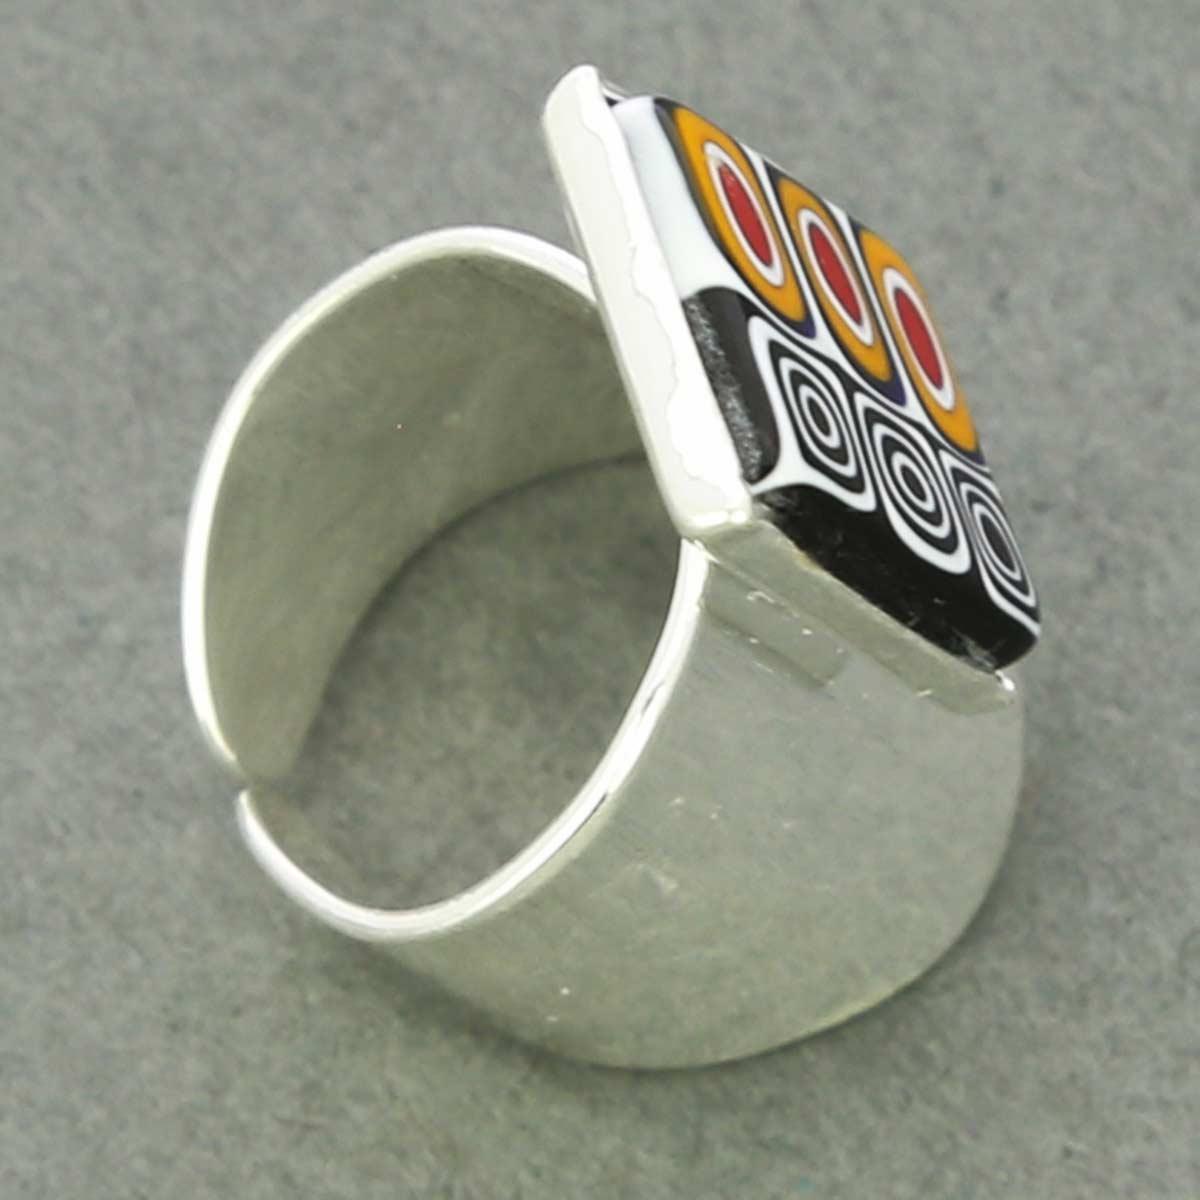 Murano Mosaic Rectangular Ring - Black White and Yellow